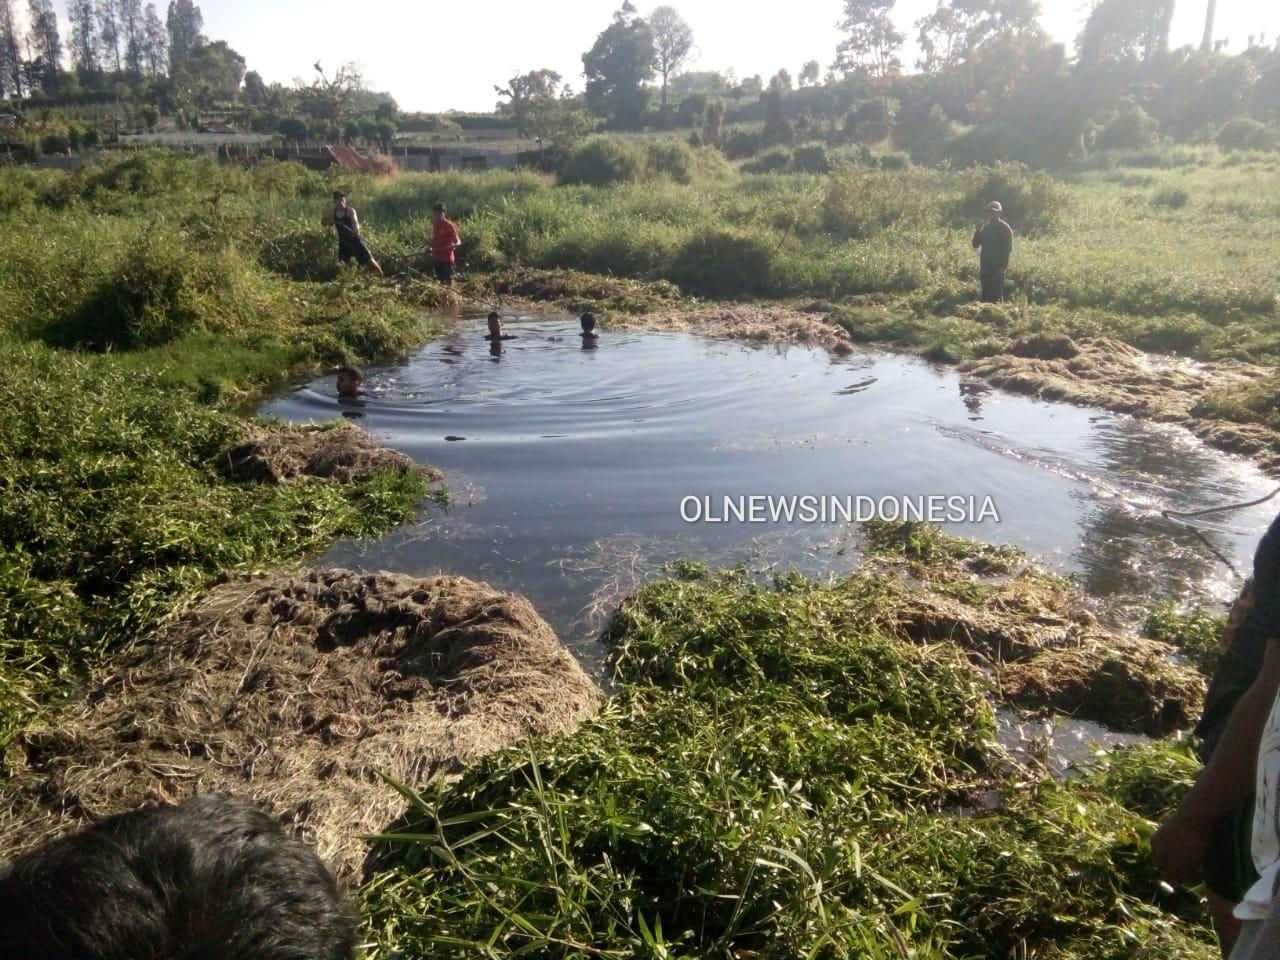 Ket foto : lokasi kejadian di gang Merga Silima Simpang Ujung Aji Brastagi Kabupaten Karo